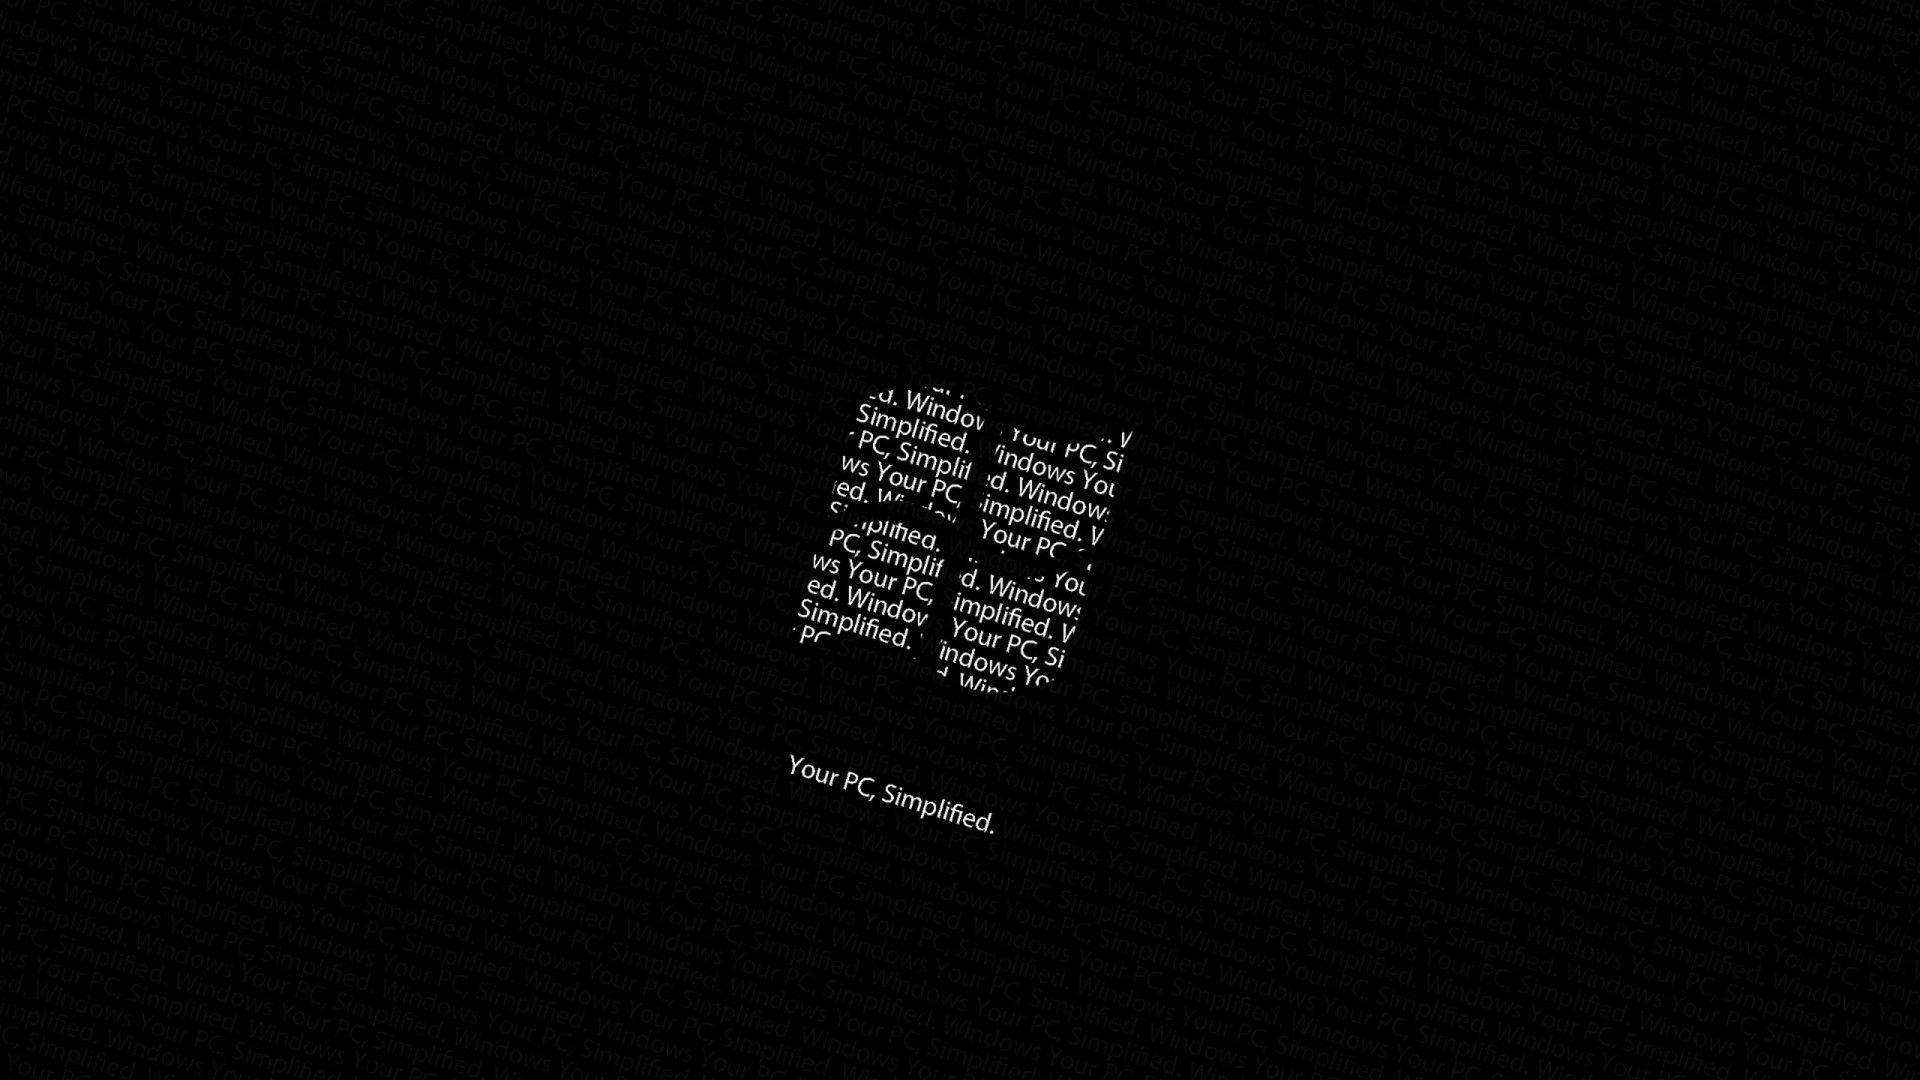 Dark Aesthetic Computer Wallpapers   Top Dark Aesthetic 1920x1080